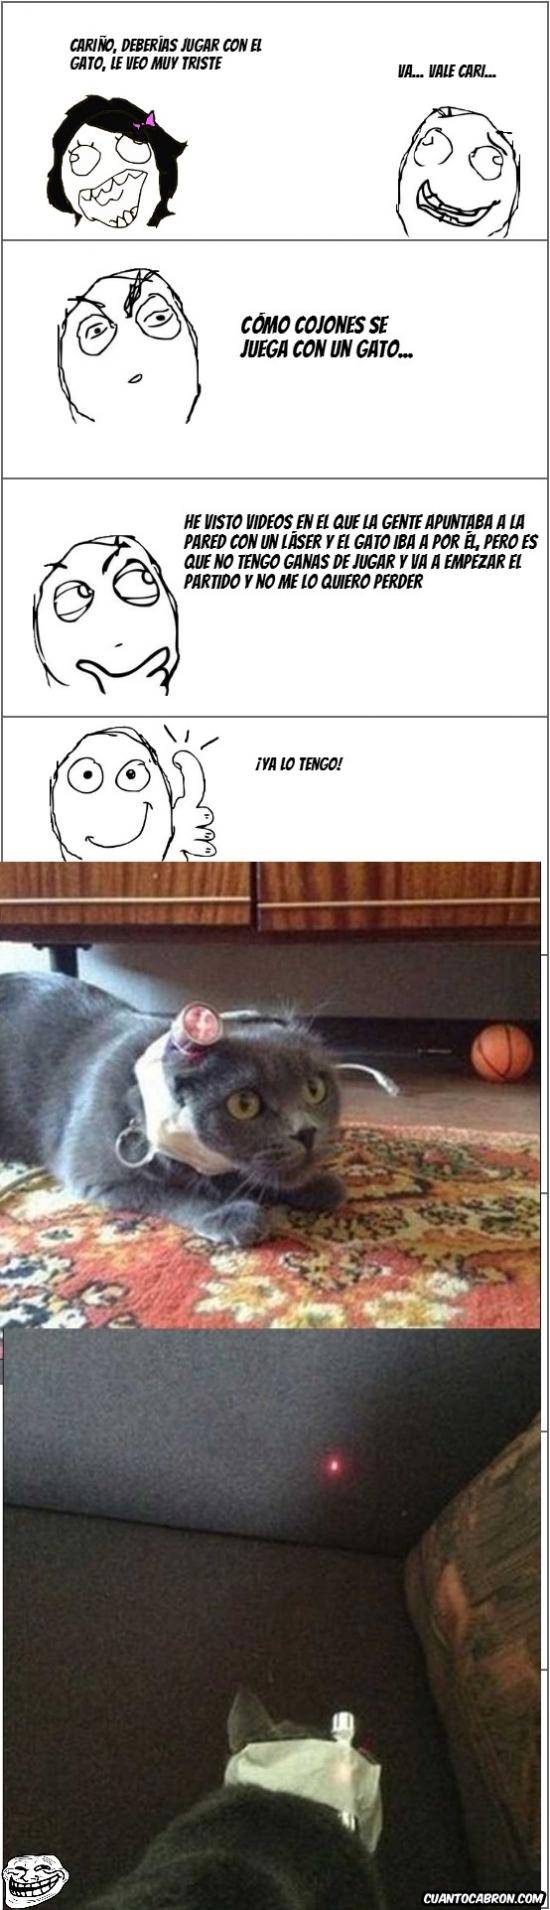 Trollface - Cómo jugar con un gato